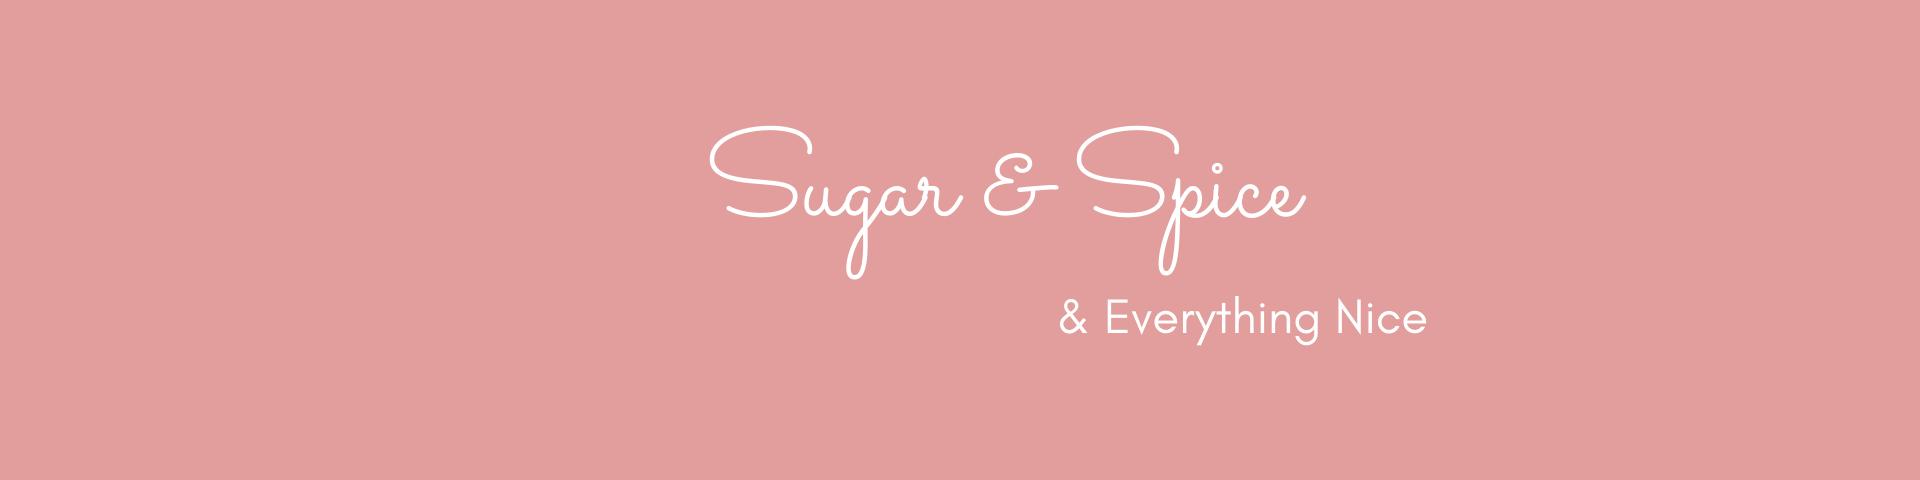 Sugar & Spice & Everything Nice